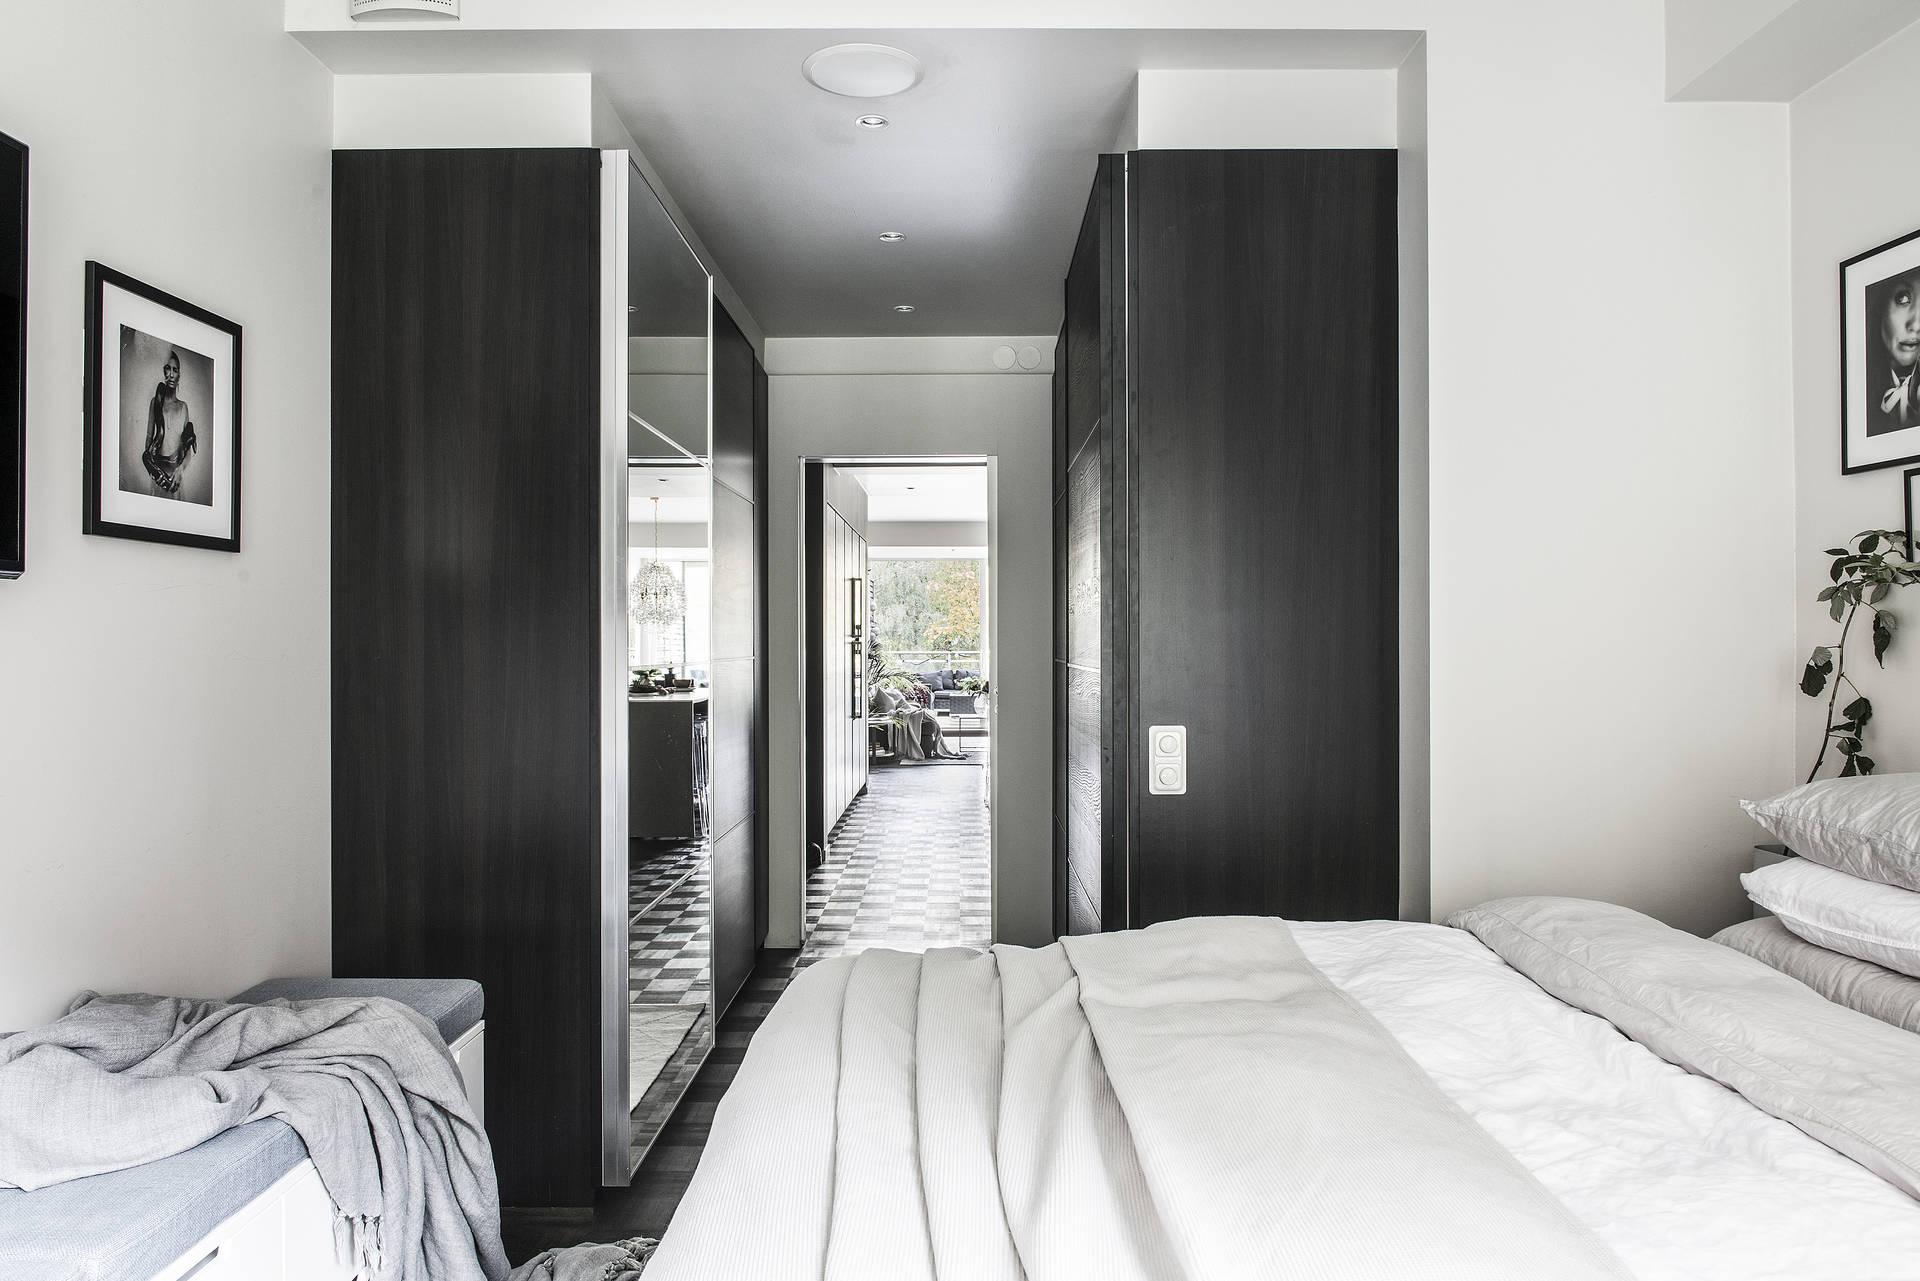 спальня проходной встроенный шкаф купе